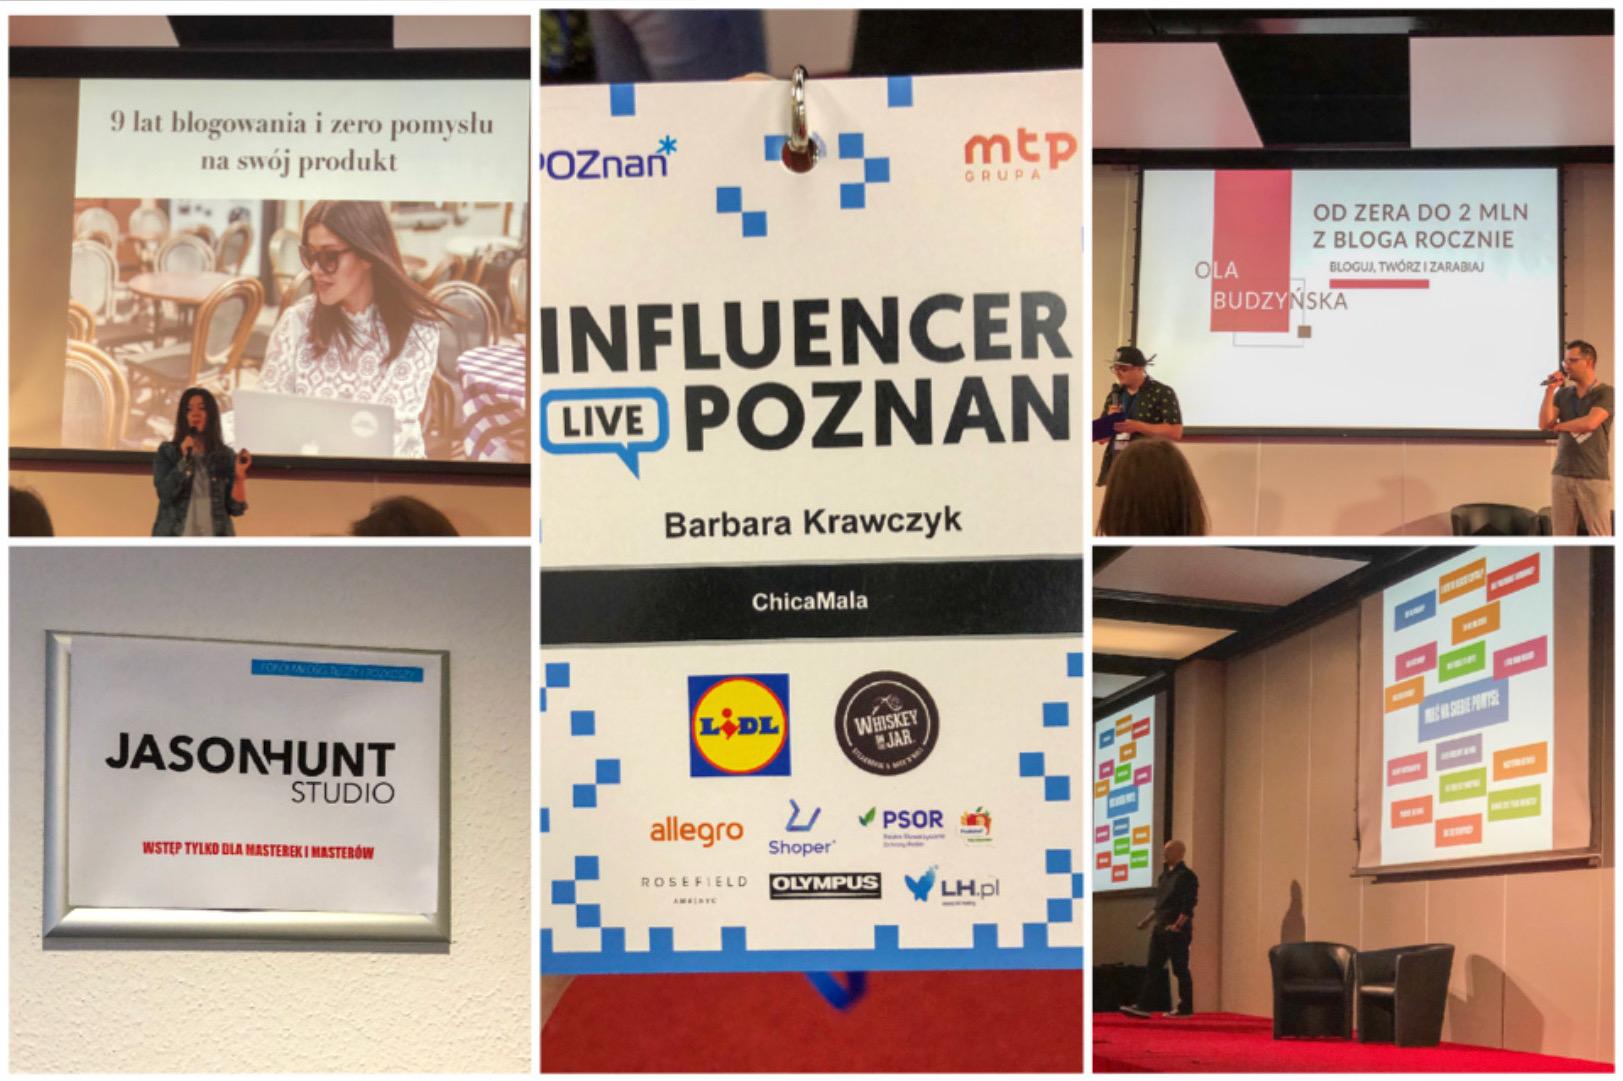 Influencer Live Poznań Cover Photo